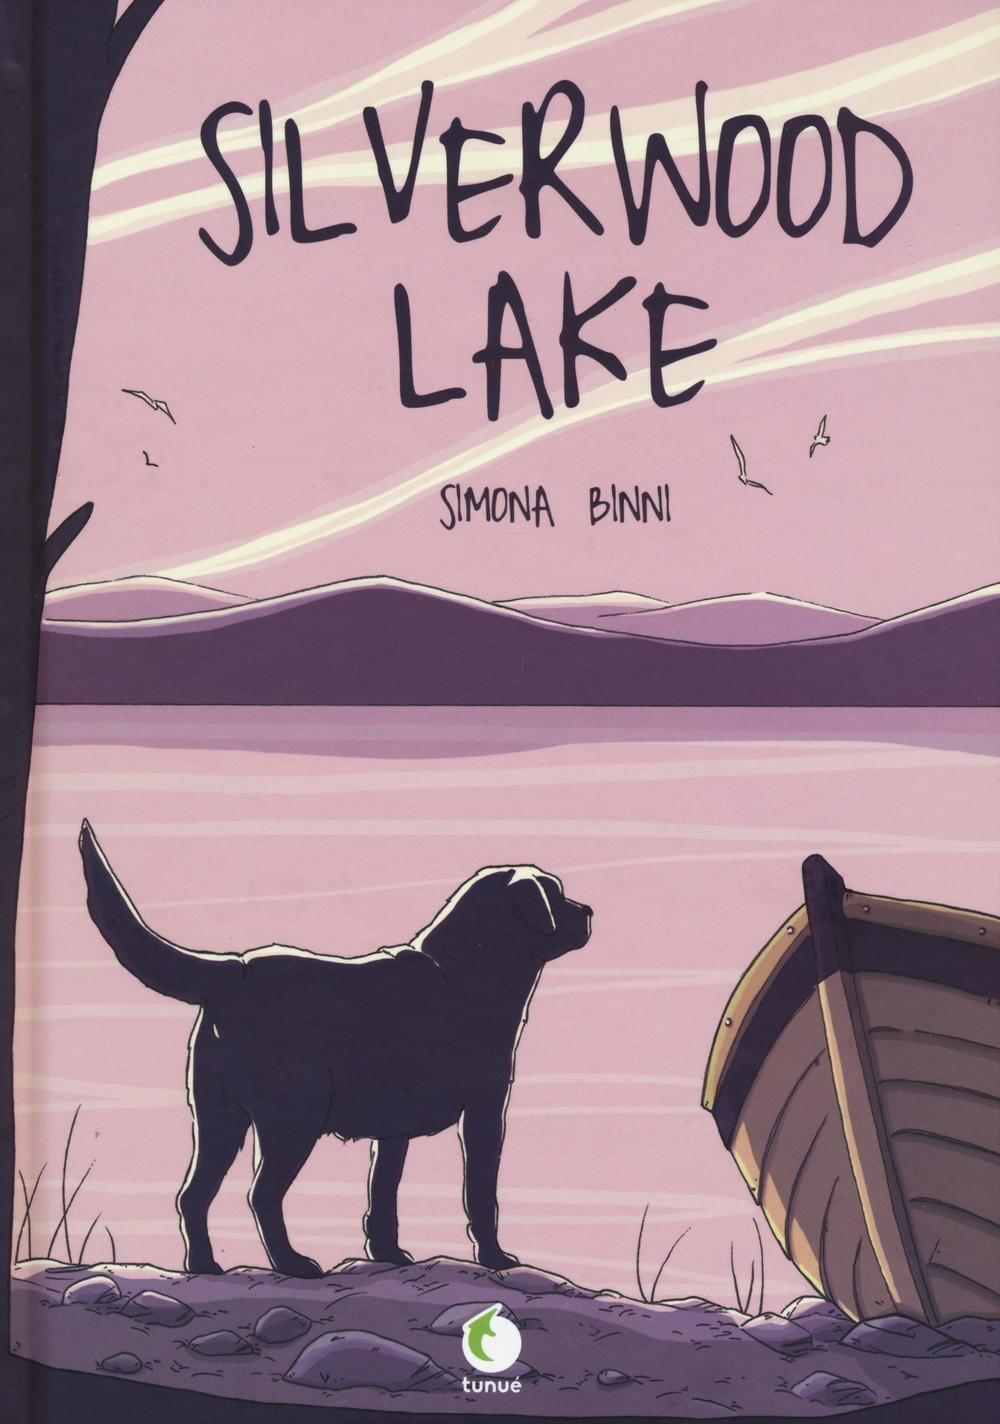 Silverwood Lake, copertina di Simona Binni